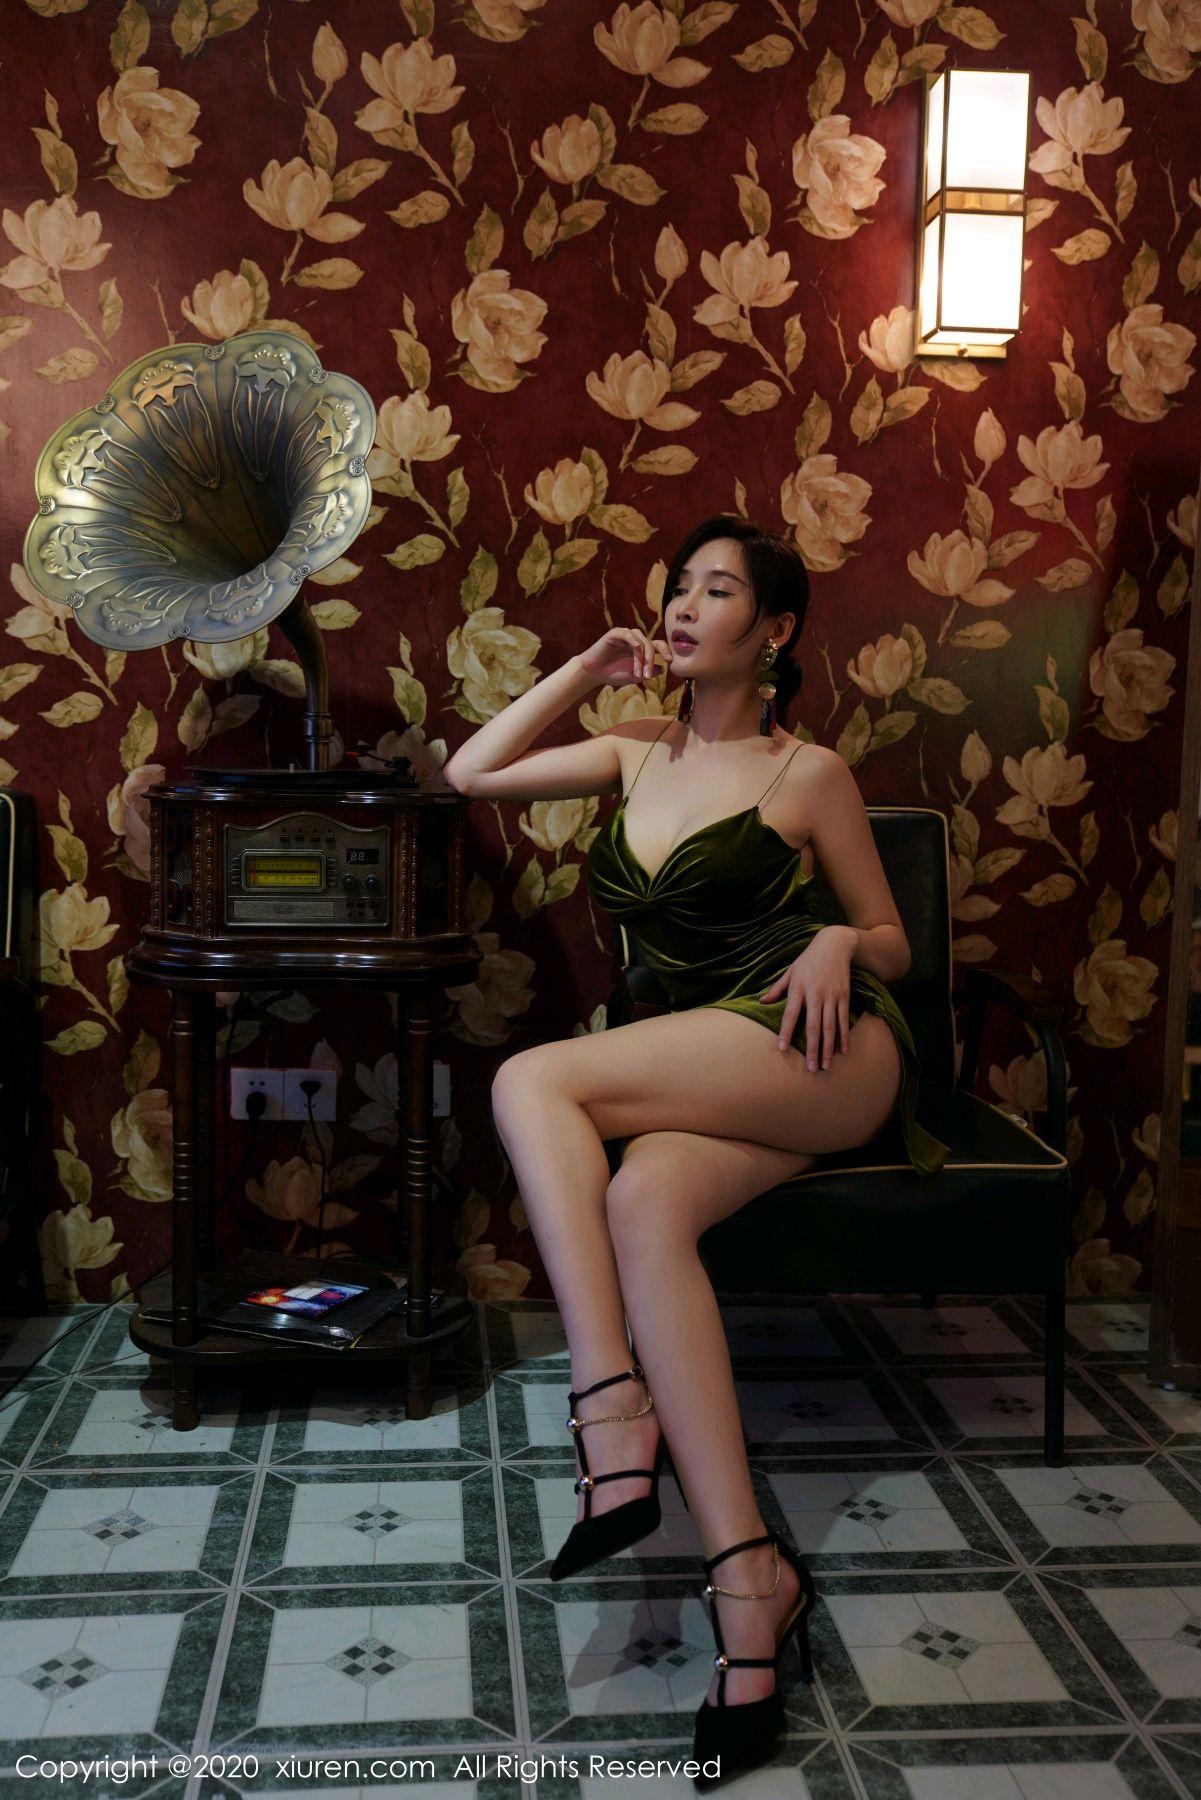 [XiuRen] Vol.2477 Tu Fei Yuan Ai Chuo QIong 40P, Sexy, Xiuren, Zhou Yan Xi